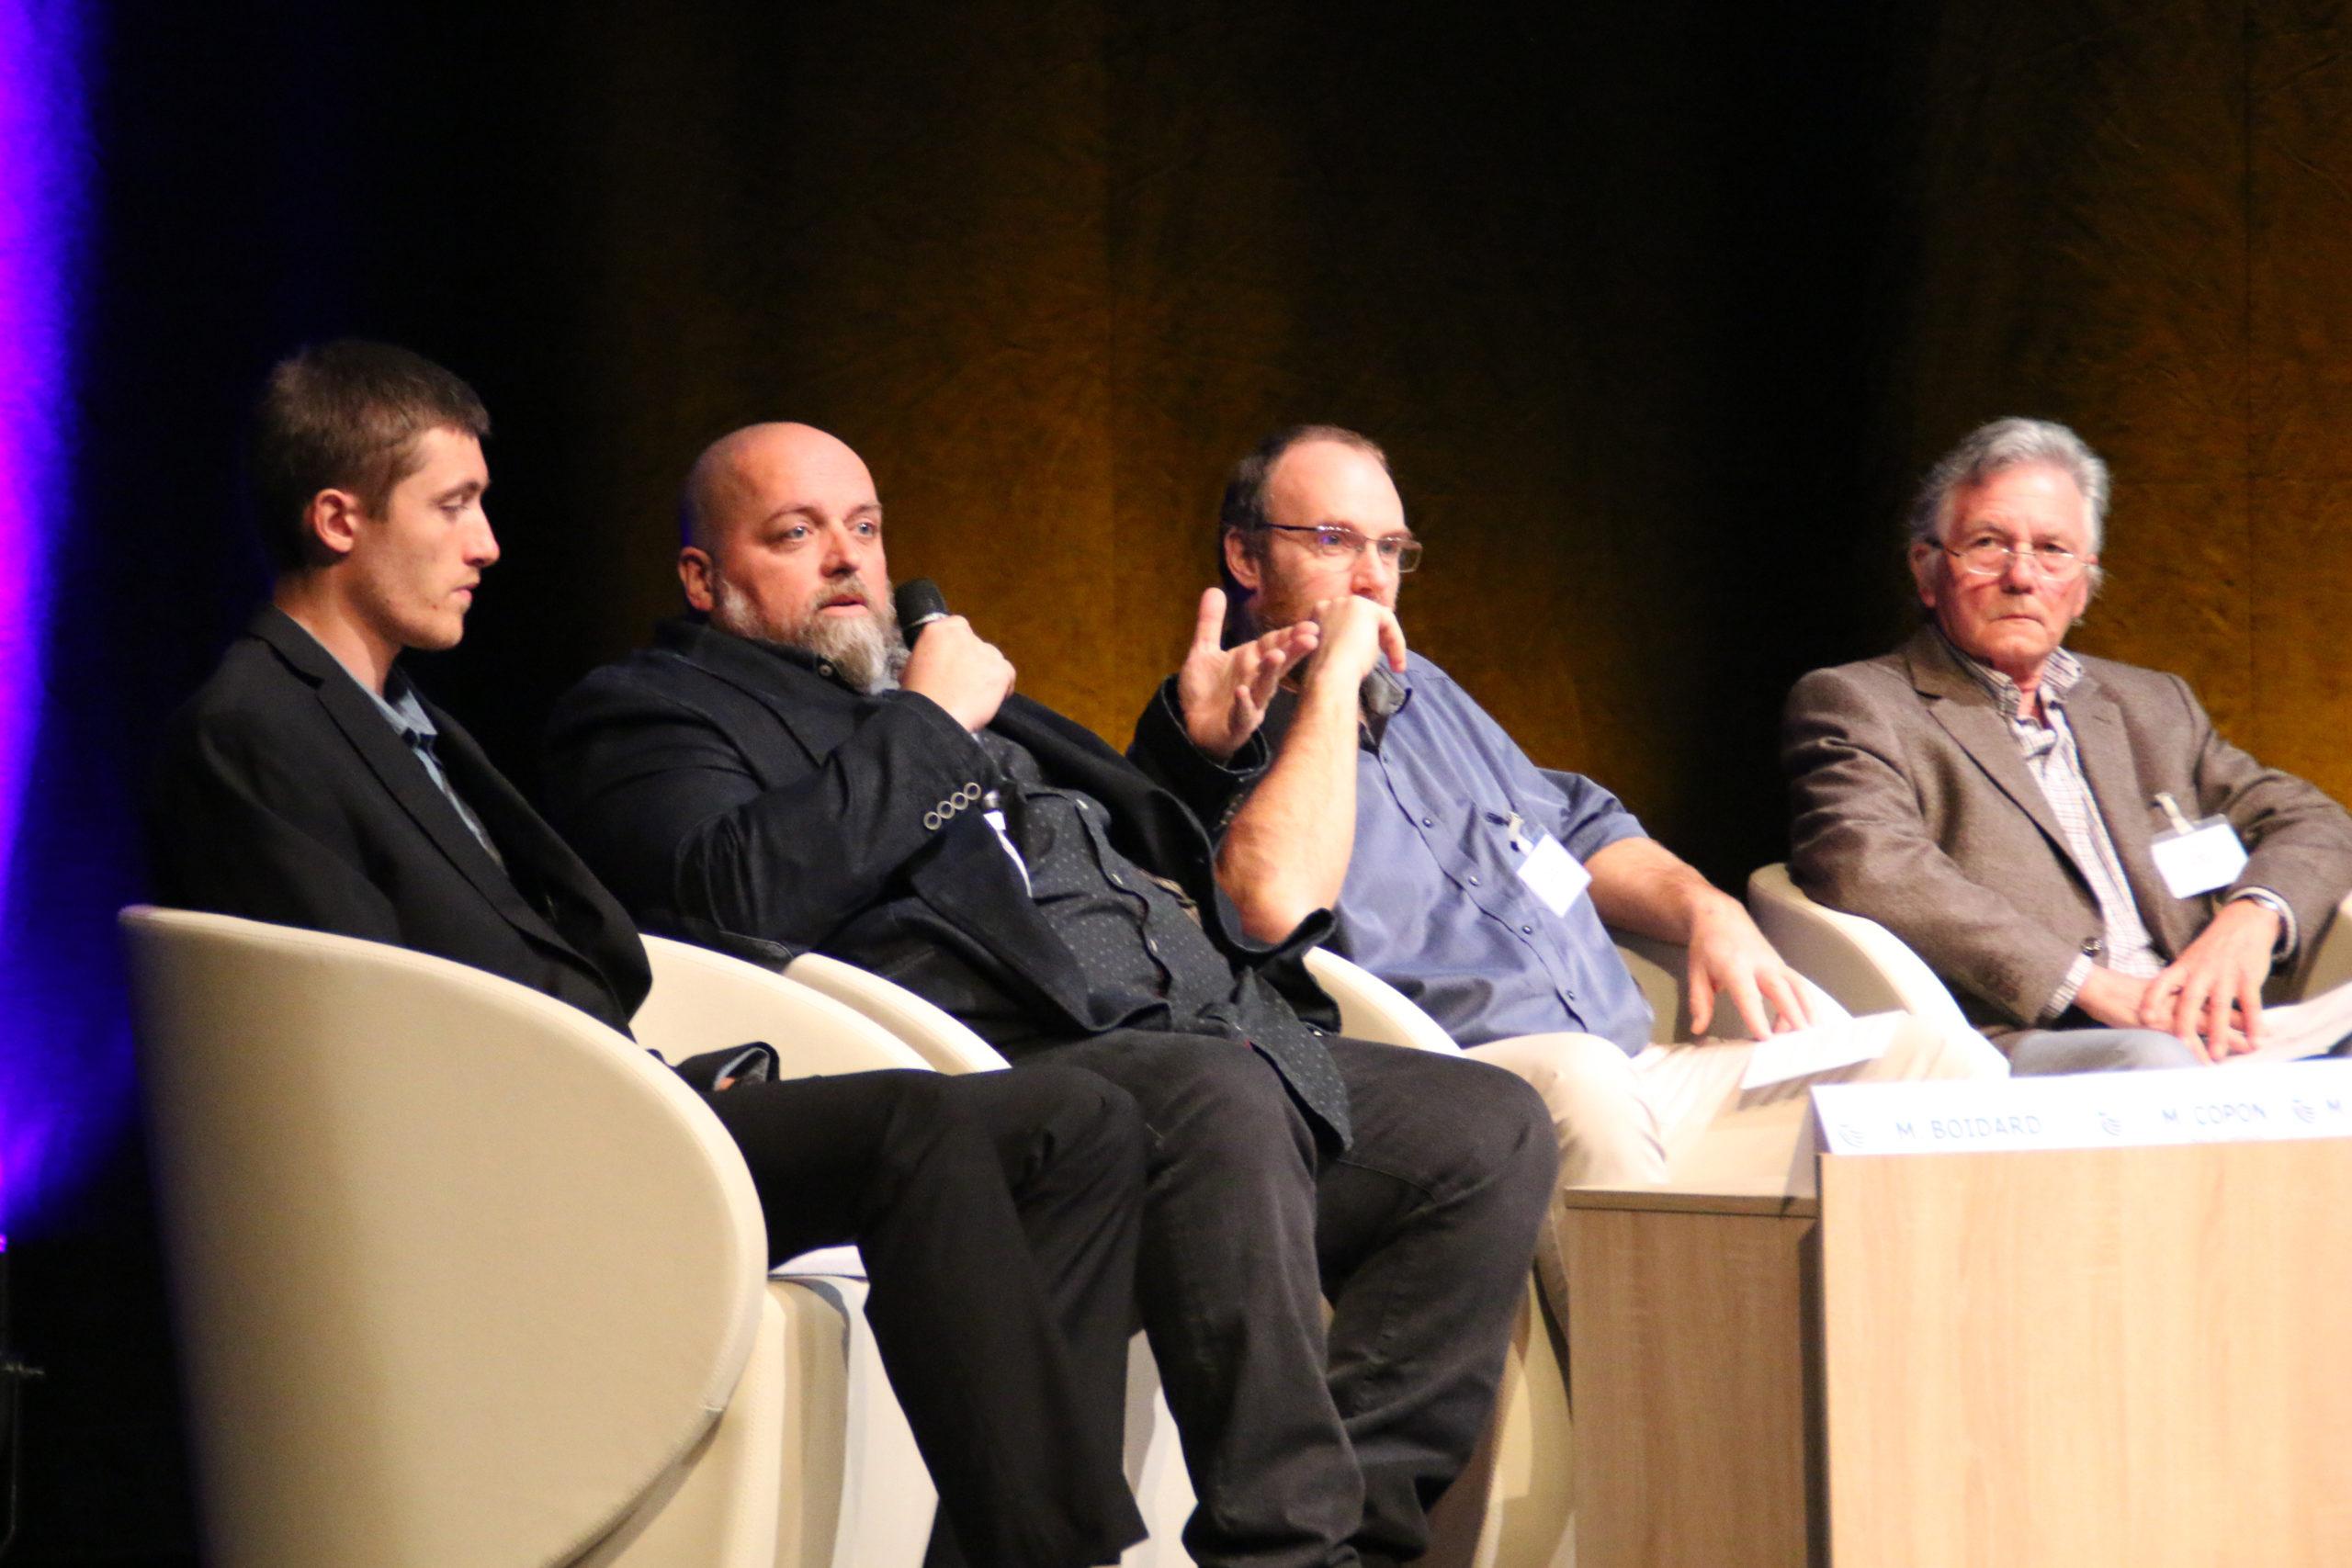 Table Ronde. De gauche à droite : Benoit BOIDARD, Eric COPON, Monsieur DUQUENOY Maire de Saint-Pouange et Monsieur WOWK, Maire de BOUILLY